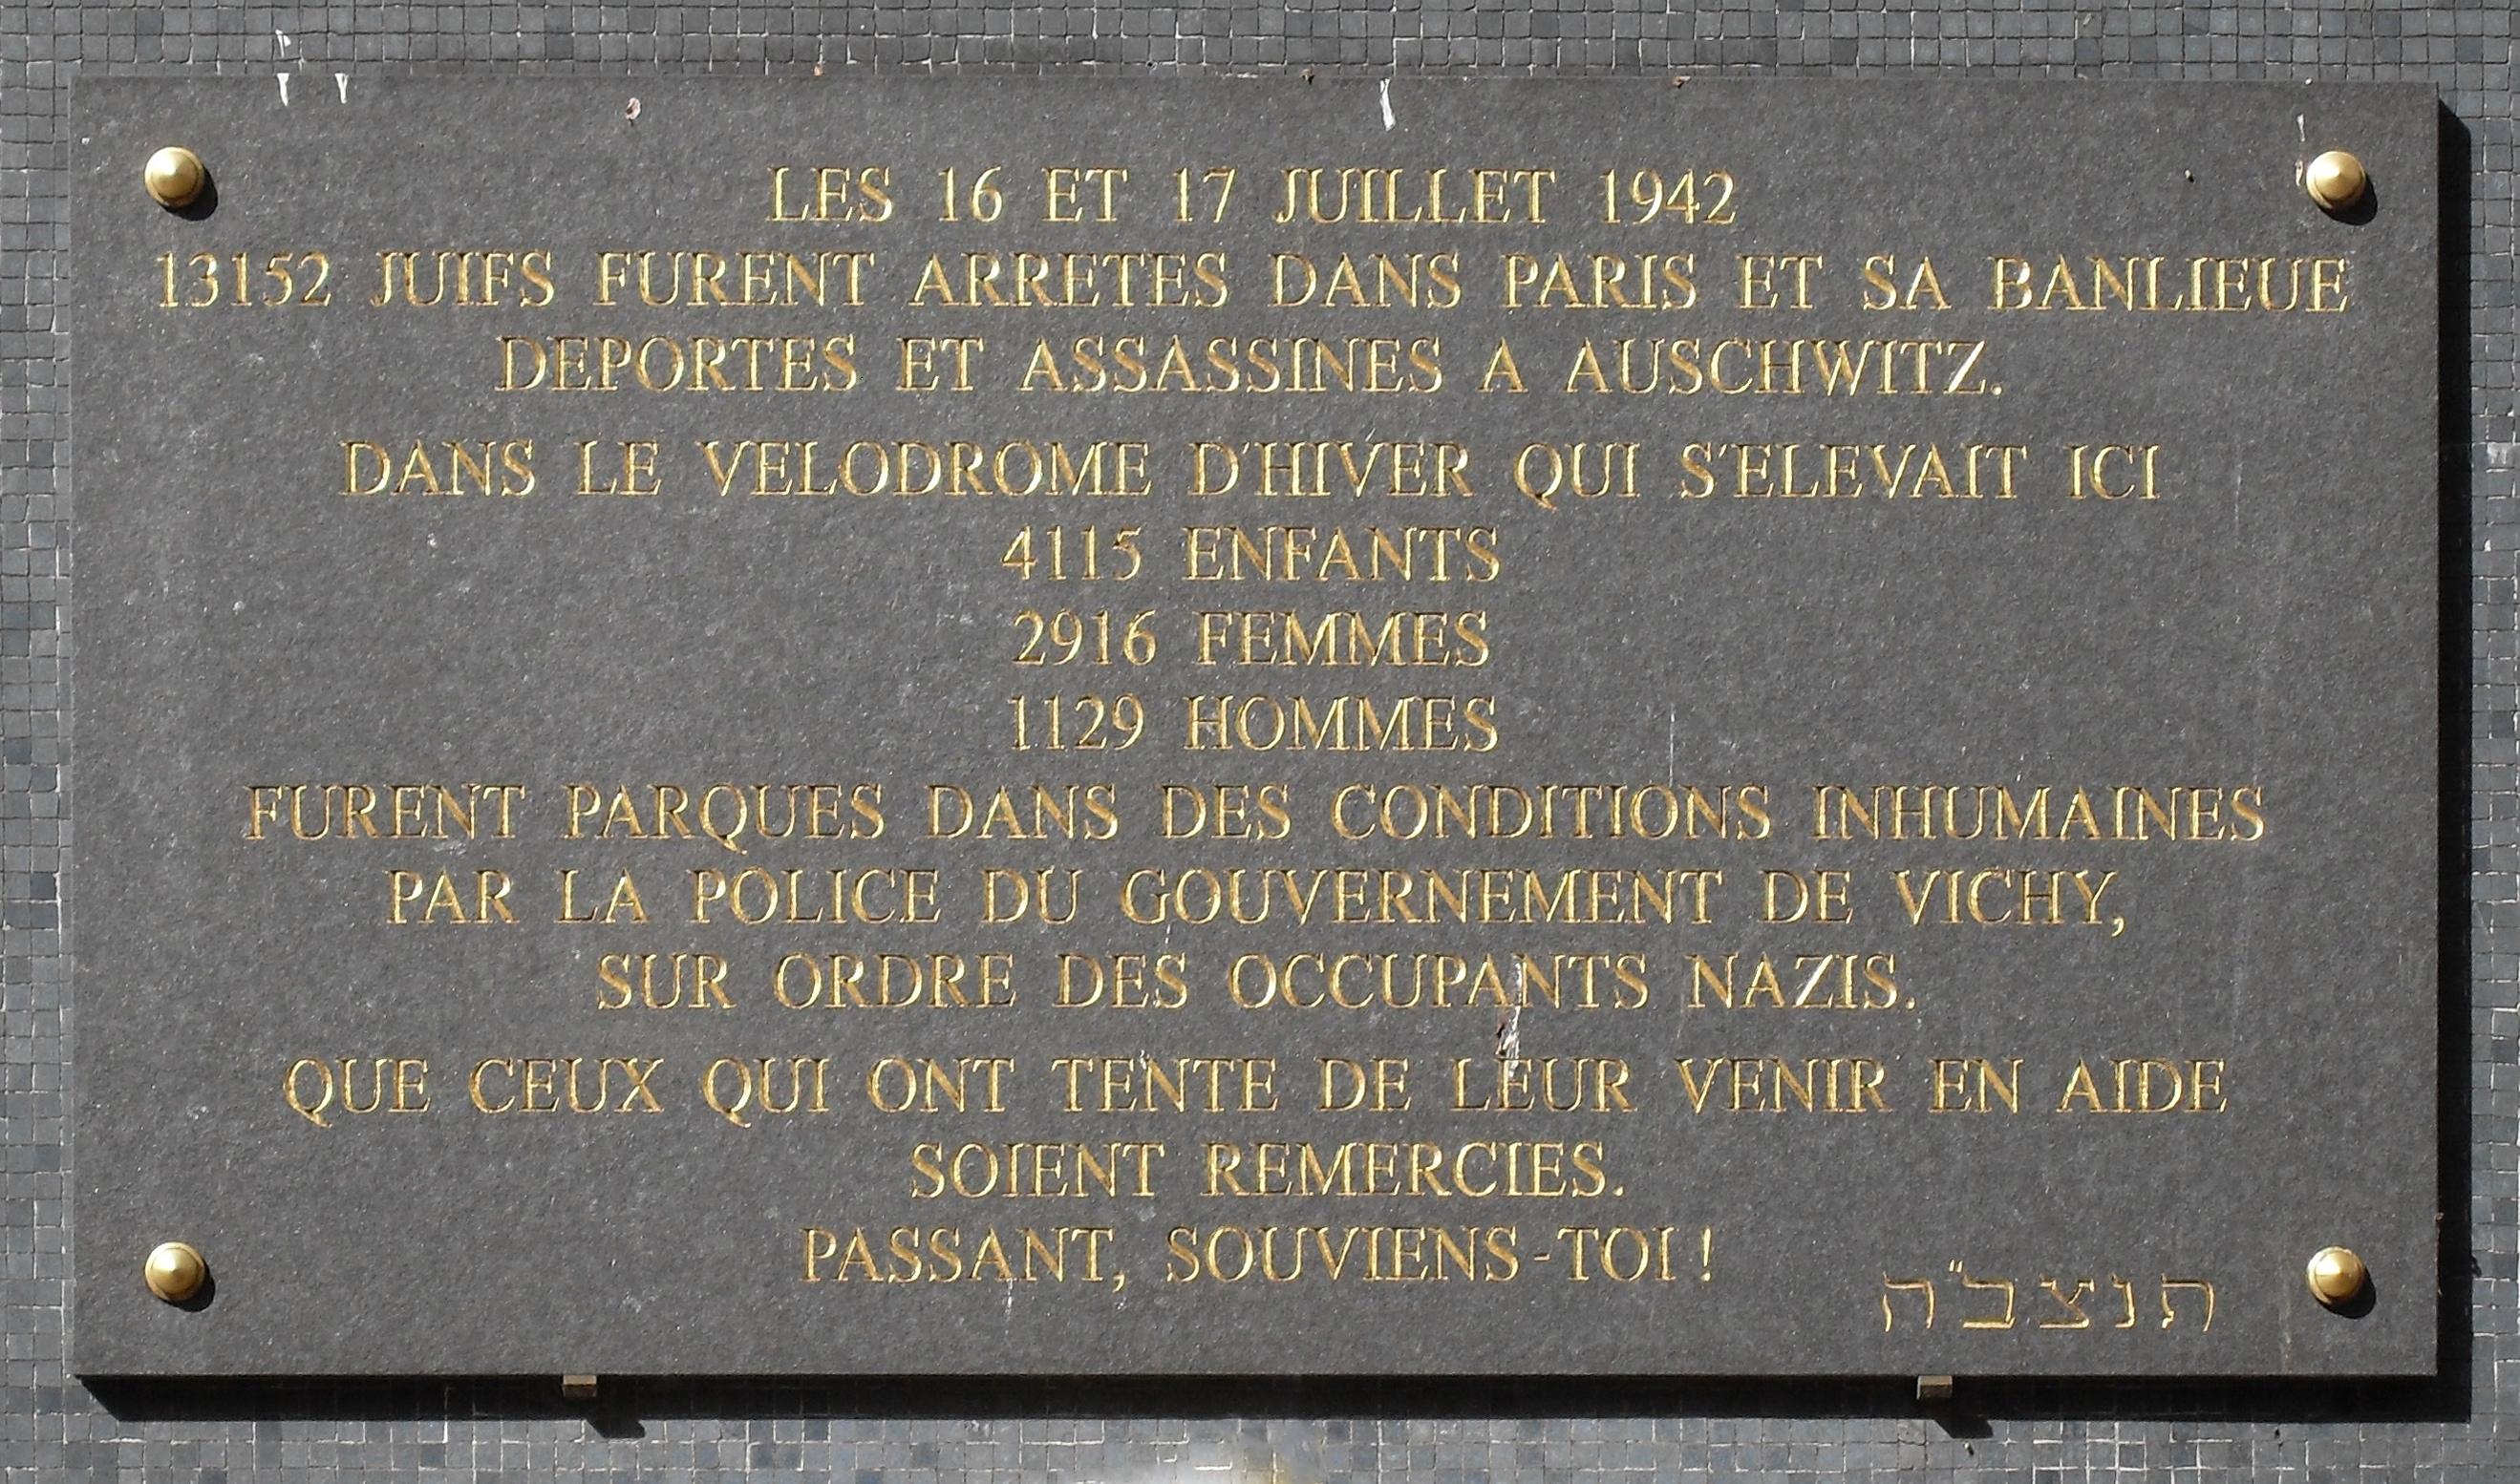 File rafle du vel d 39 hiv jardin du souvenir plaque jpg wikimedia commons - Plaque de proprete pour porte ...